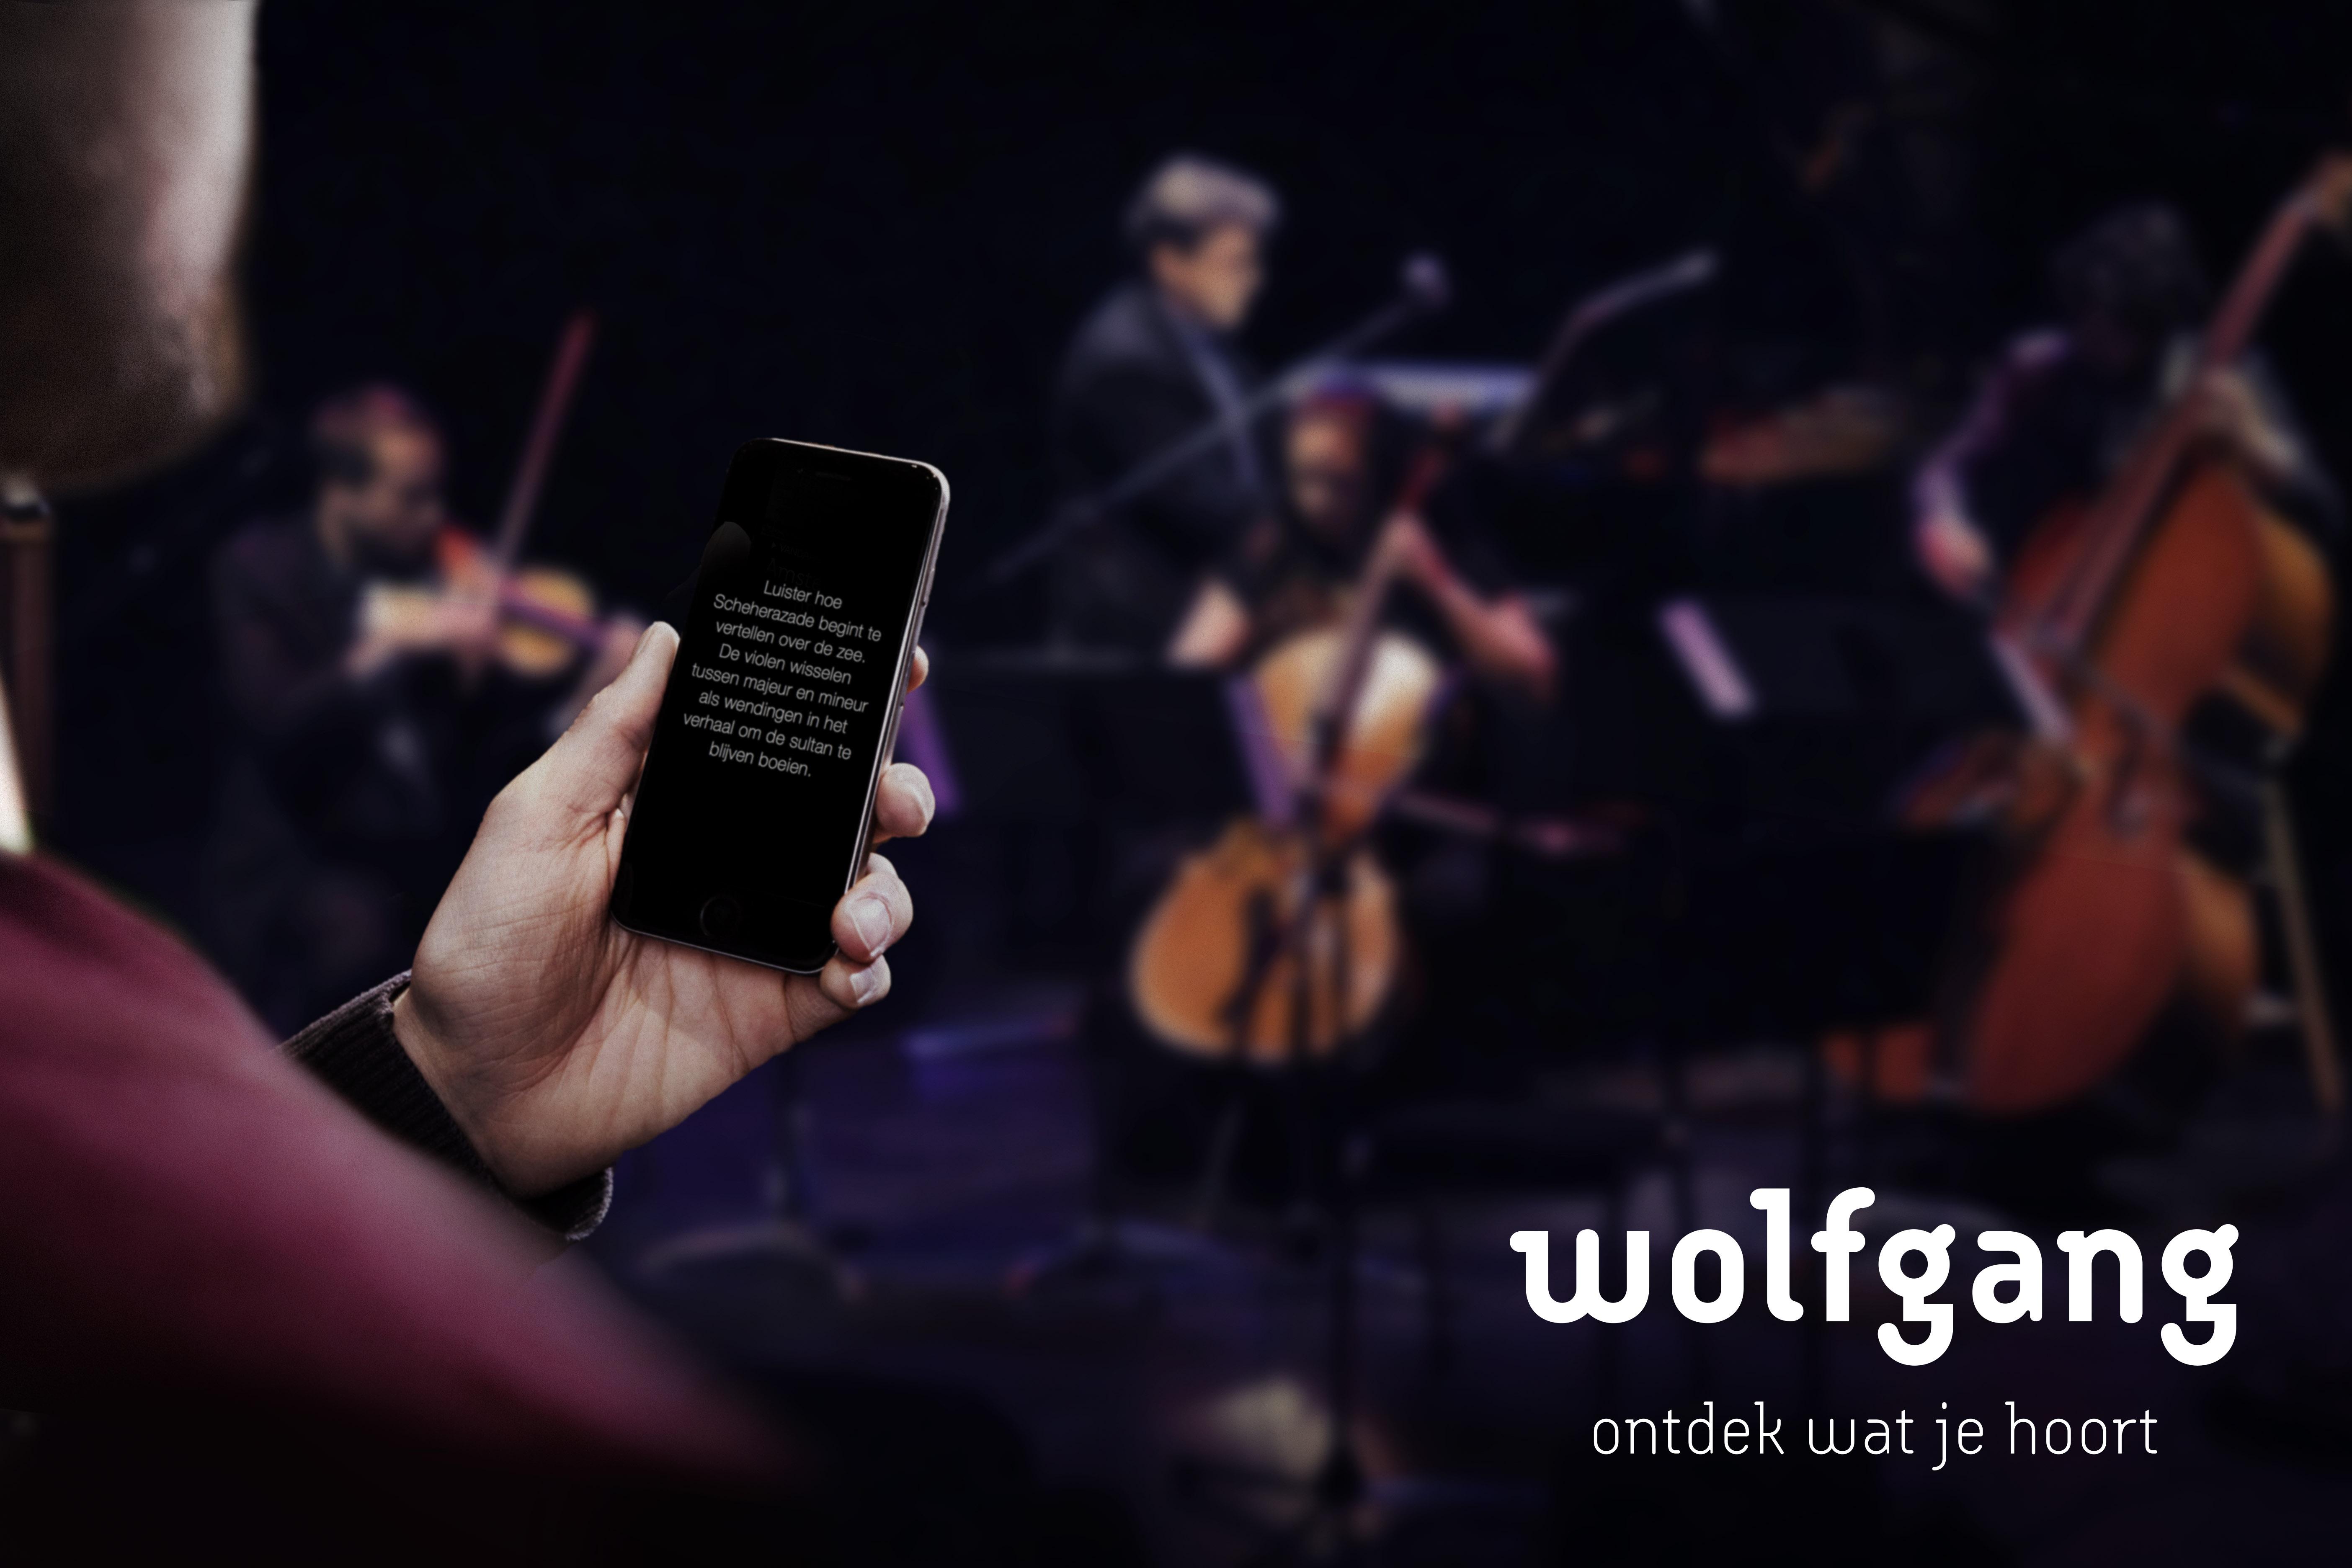 Wolfgang app